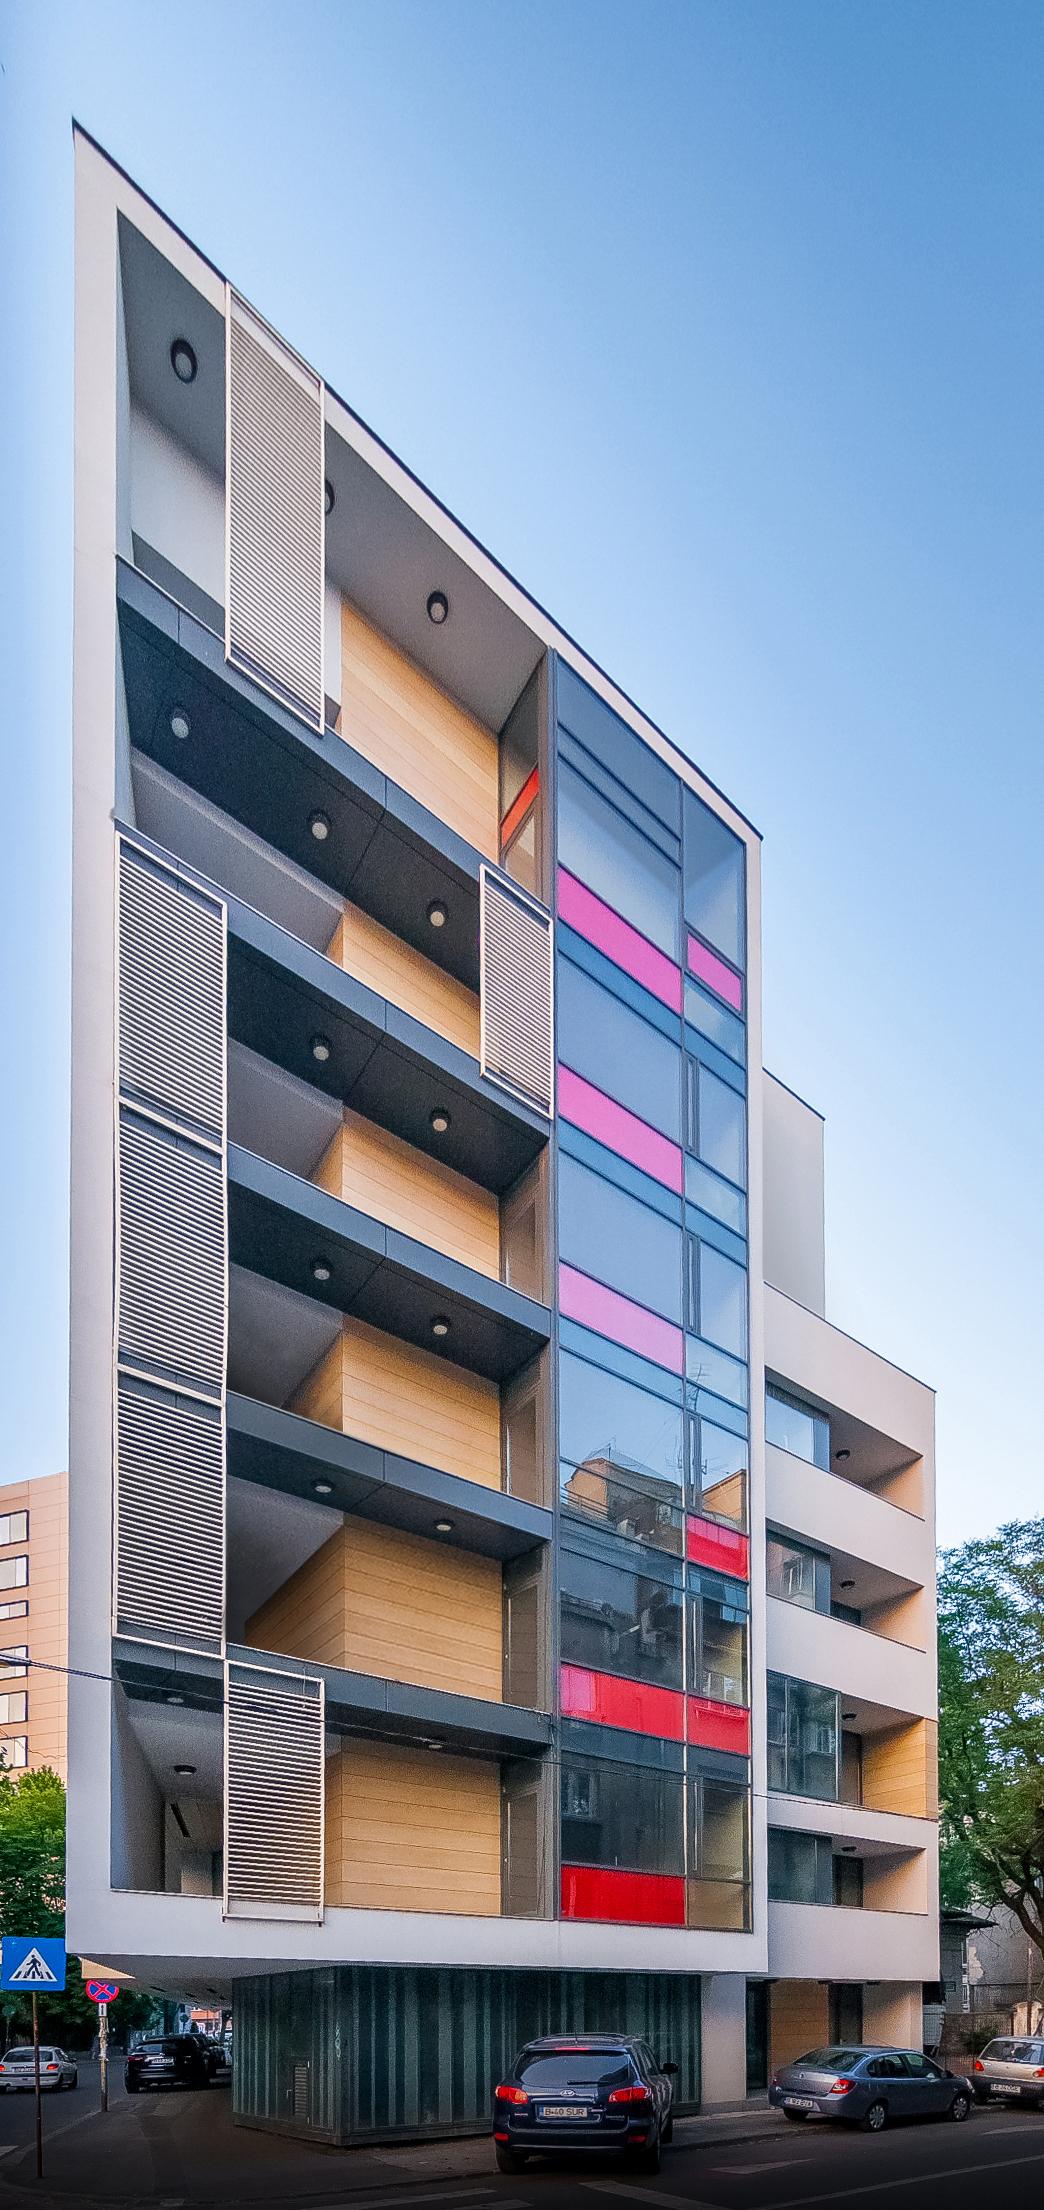 Batiste 34 u r b a n o f f i c e archello for Office building design plans